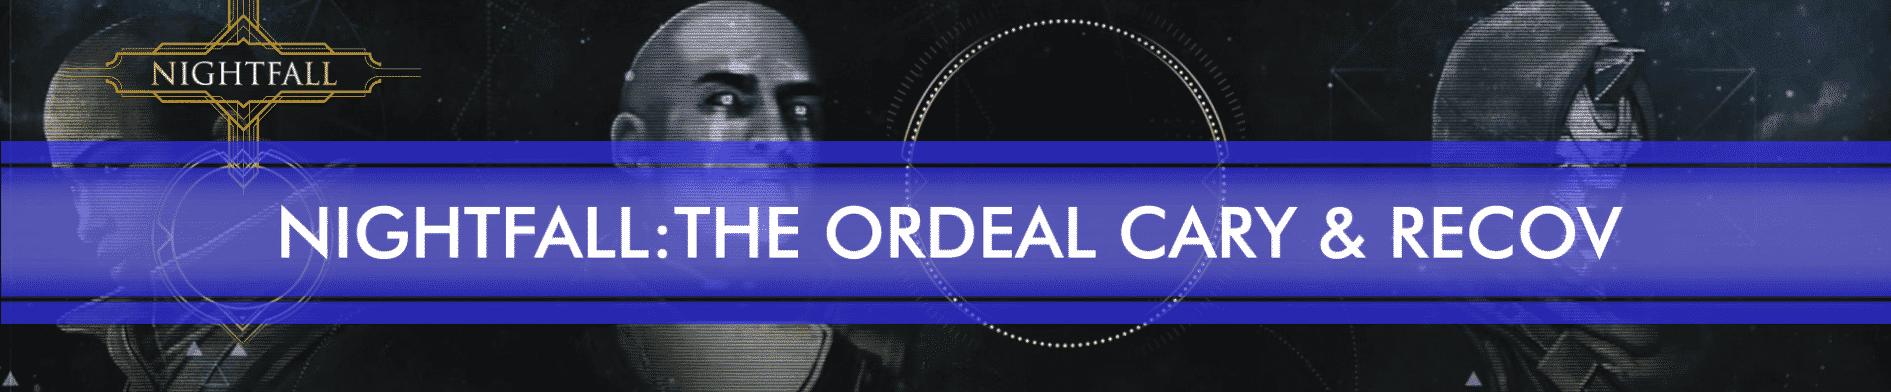 nightfall the ordeal